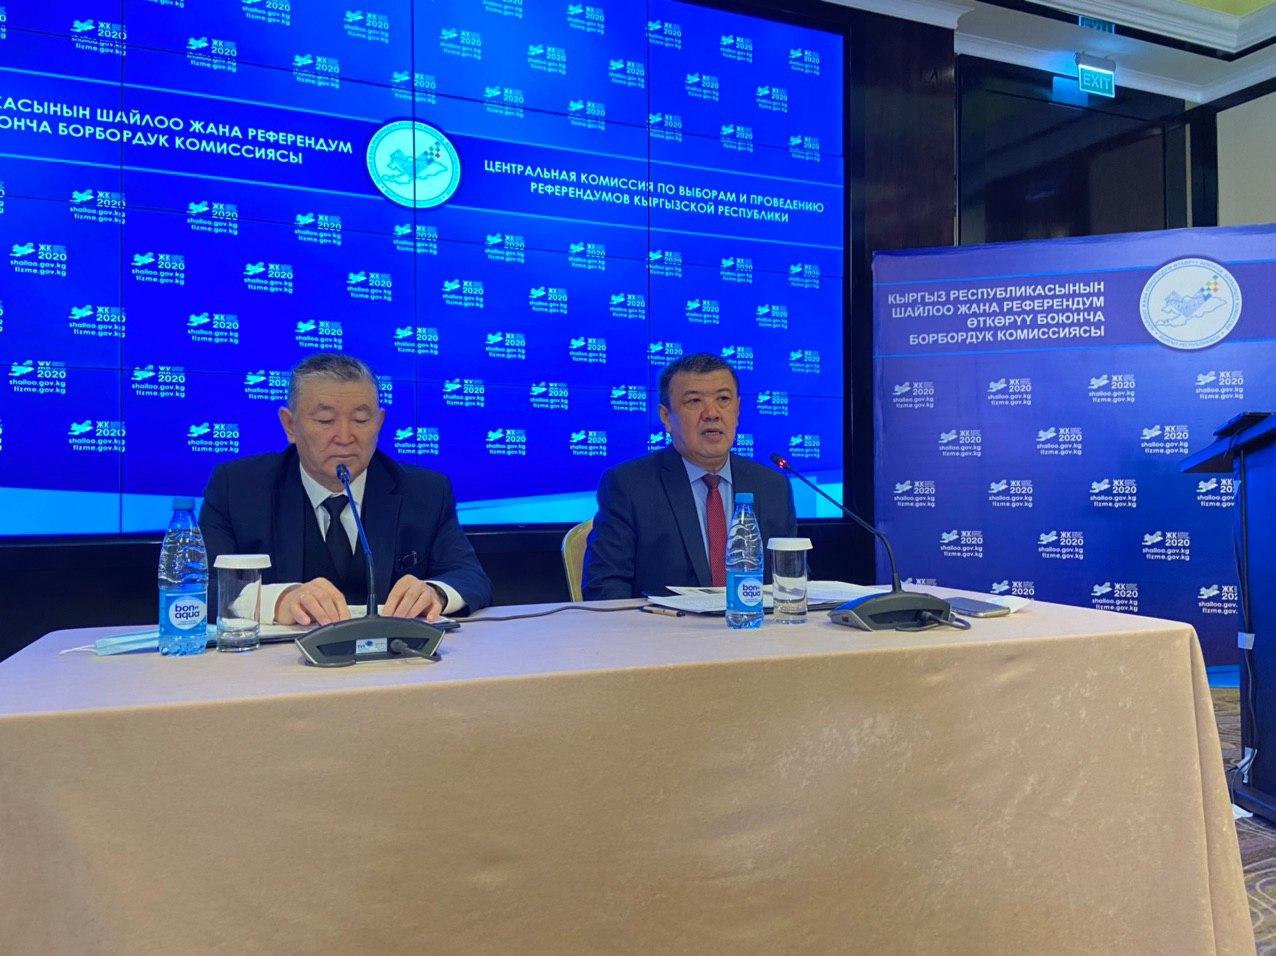 Шайлоо 2020: 45,26 пайыз кыргызстандык добуш берди